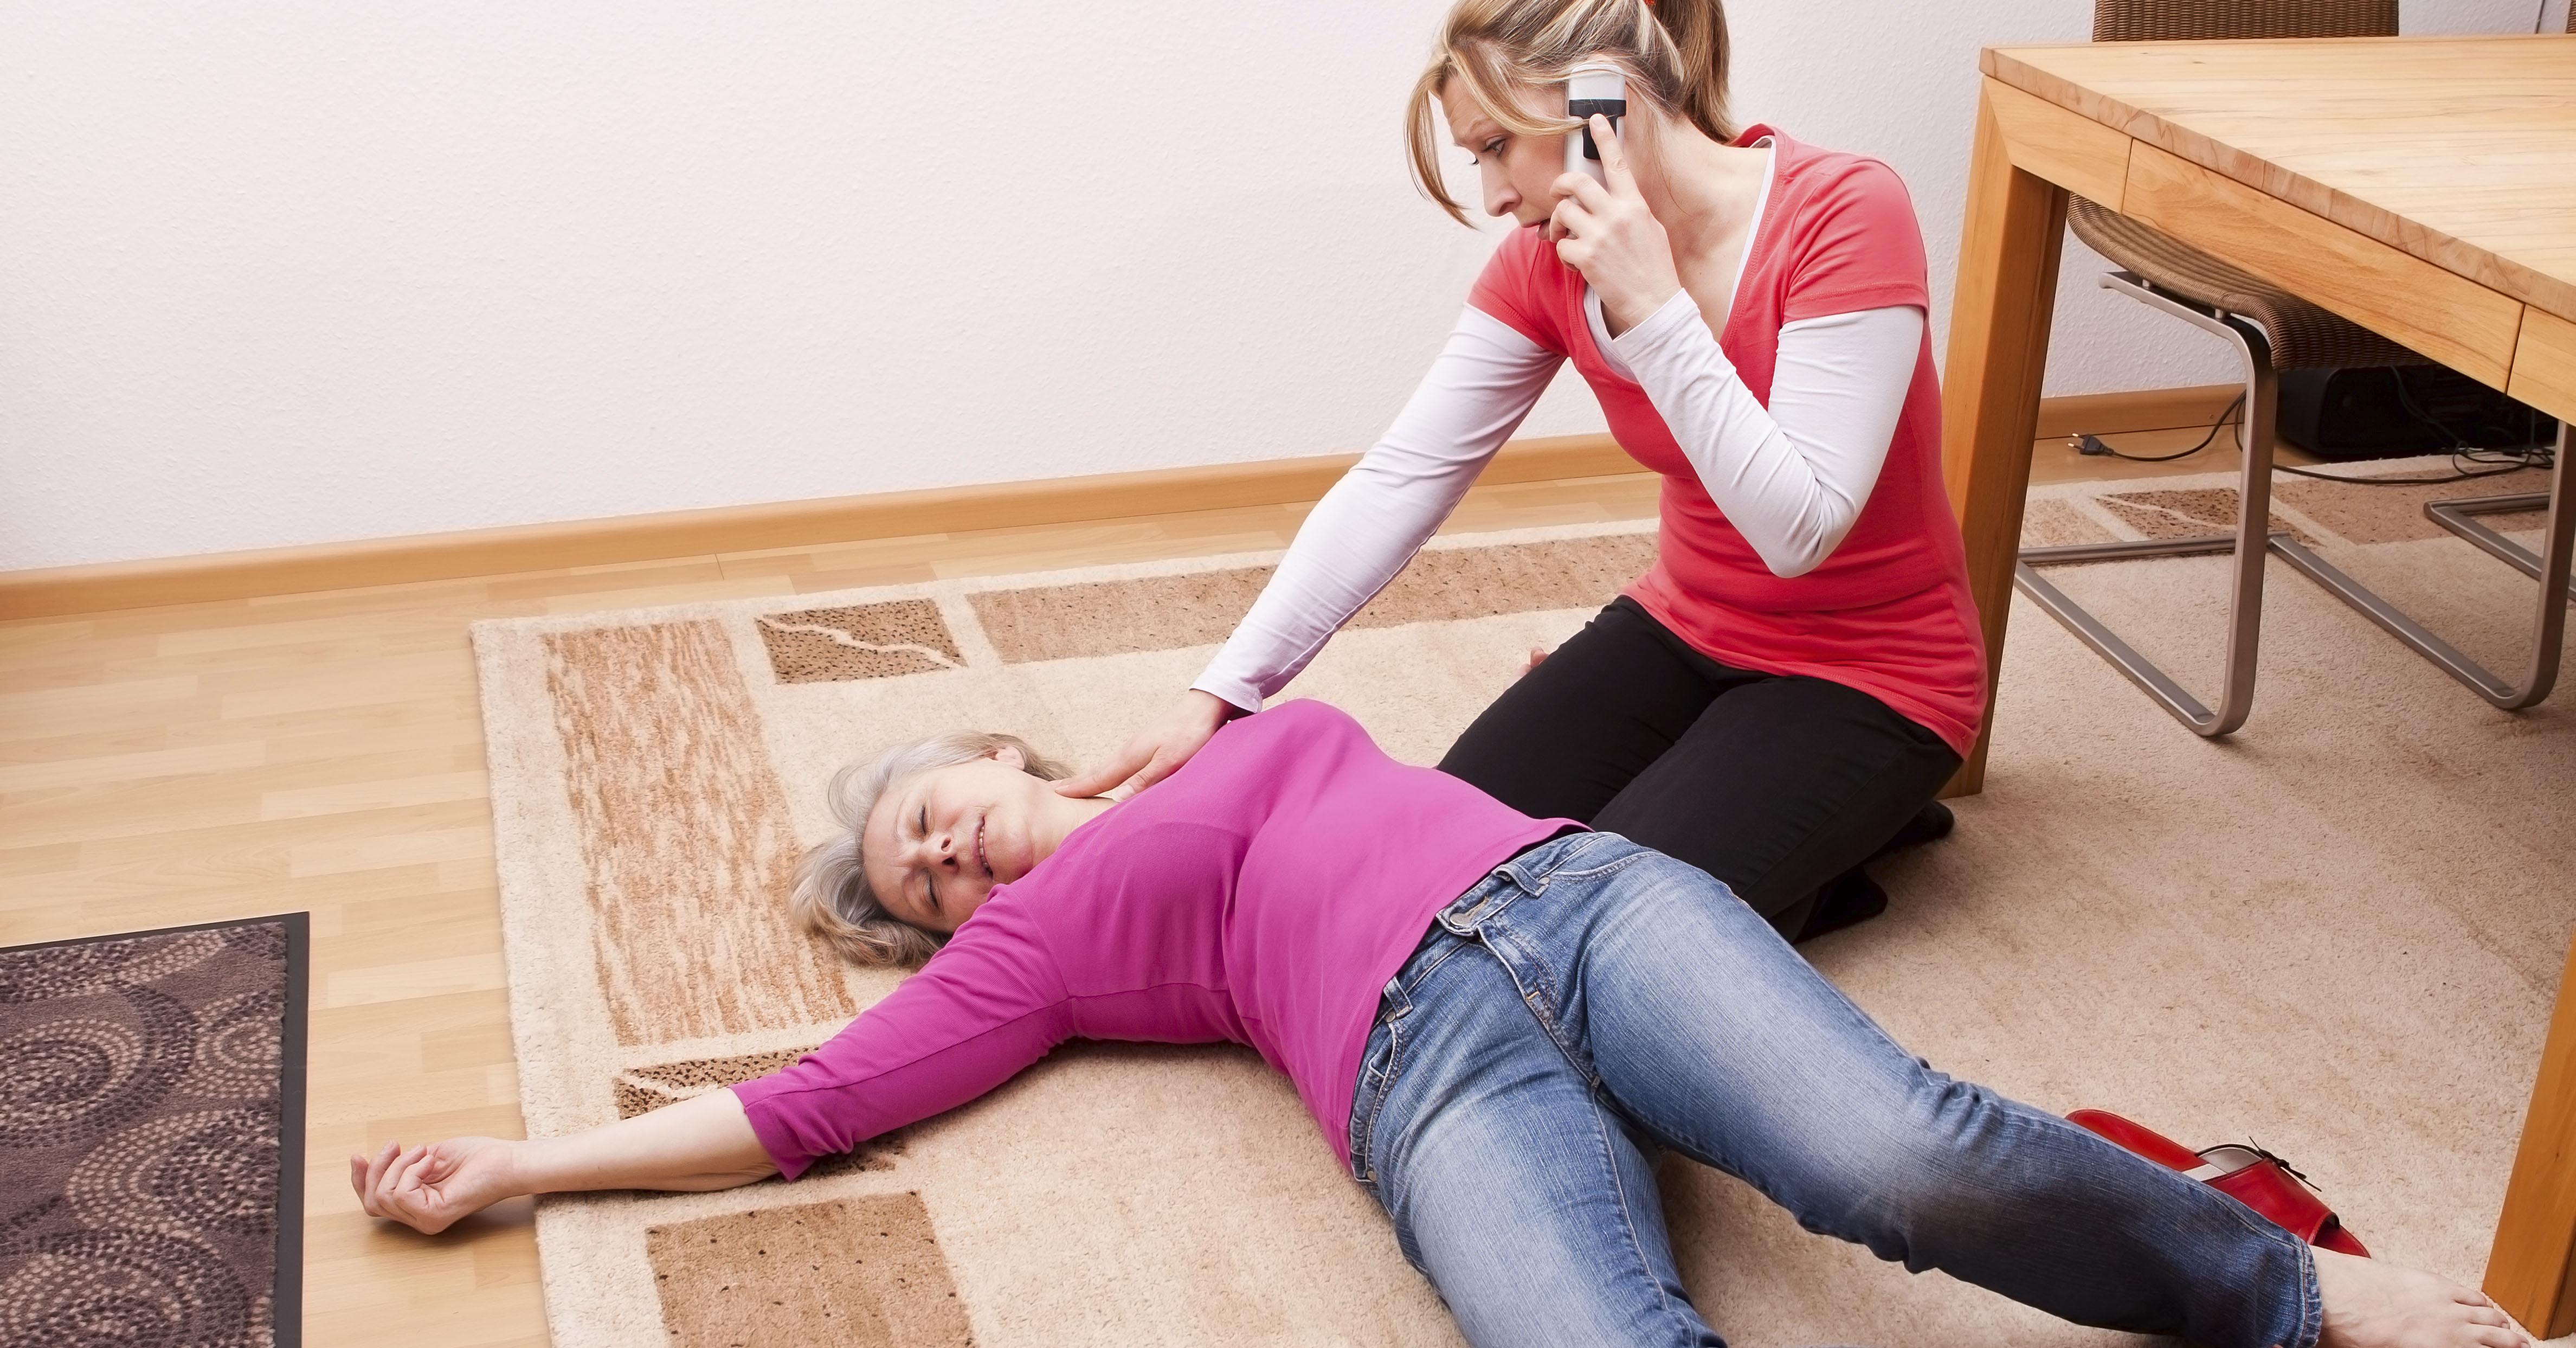 симптомы геморрагического инсульта